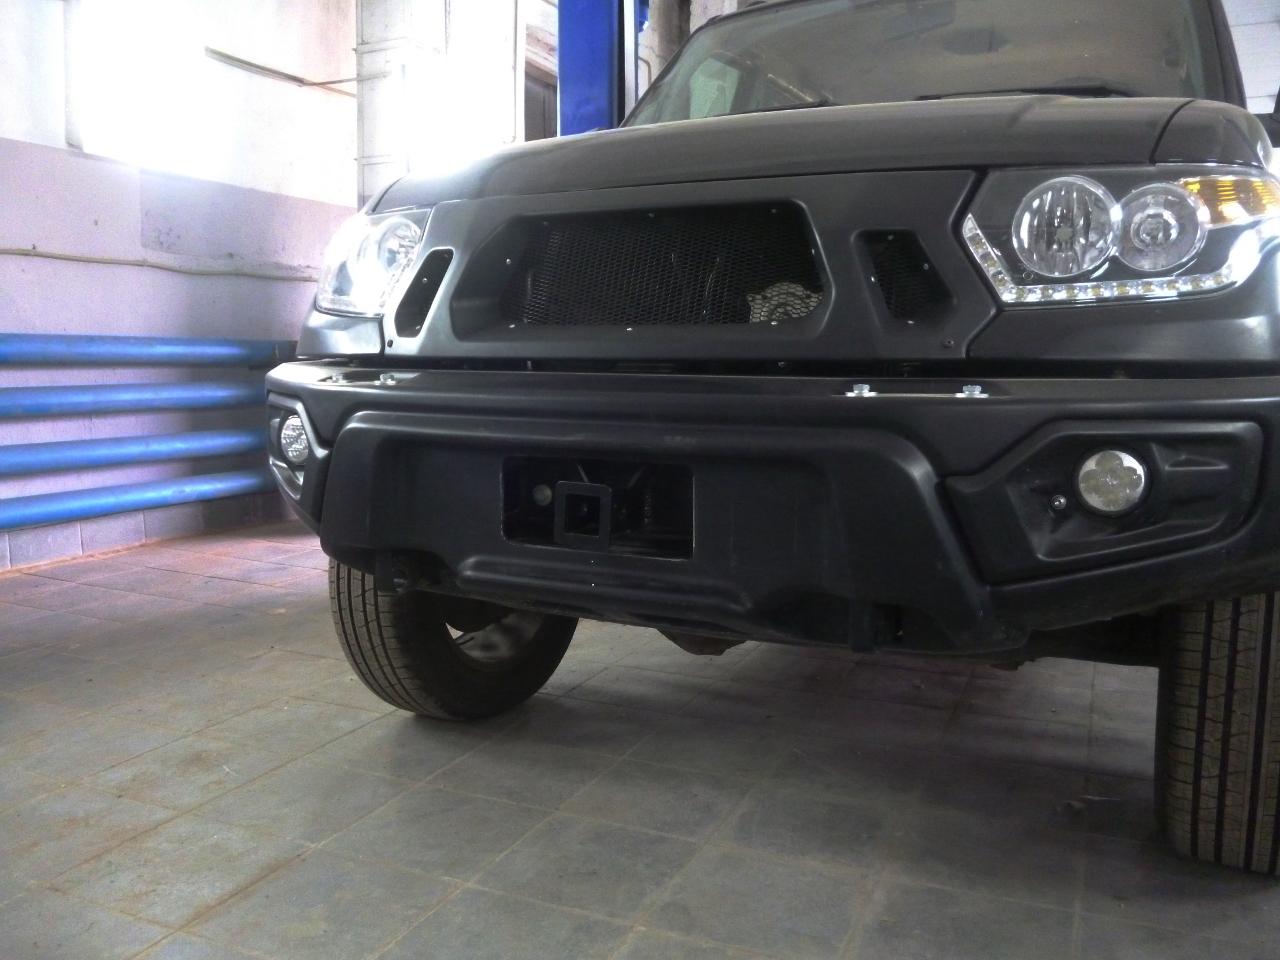 Композитный передний бампер УАЗ Патриот, Пикап, Карго с фарами белый АВС-Дизайн фото-1